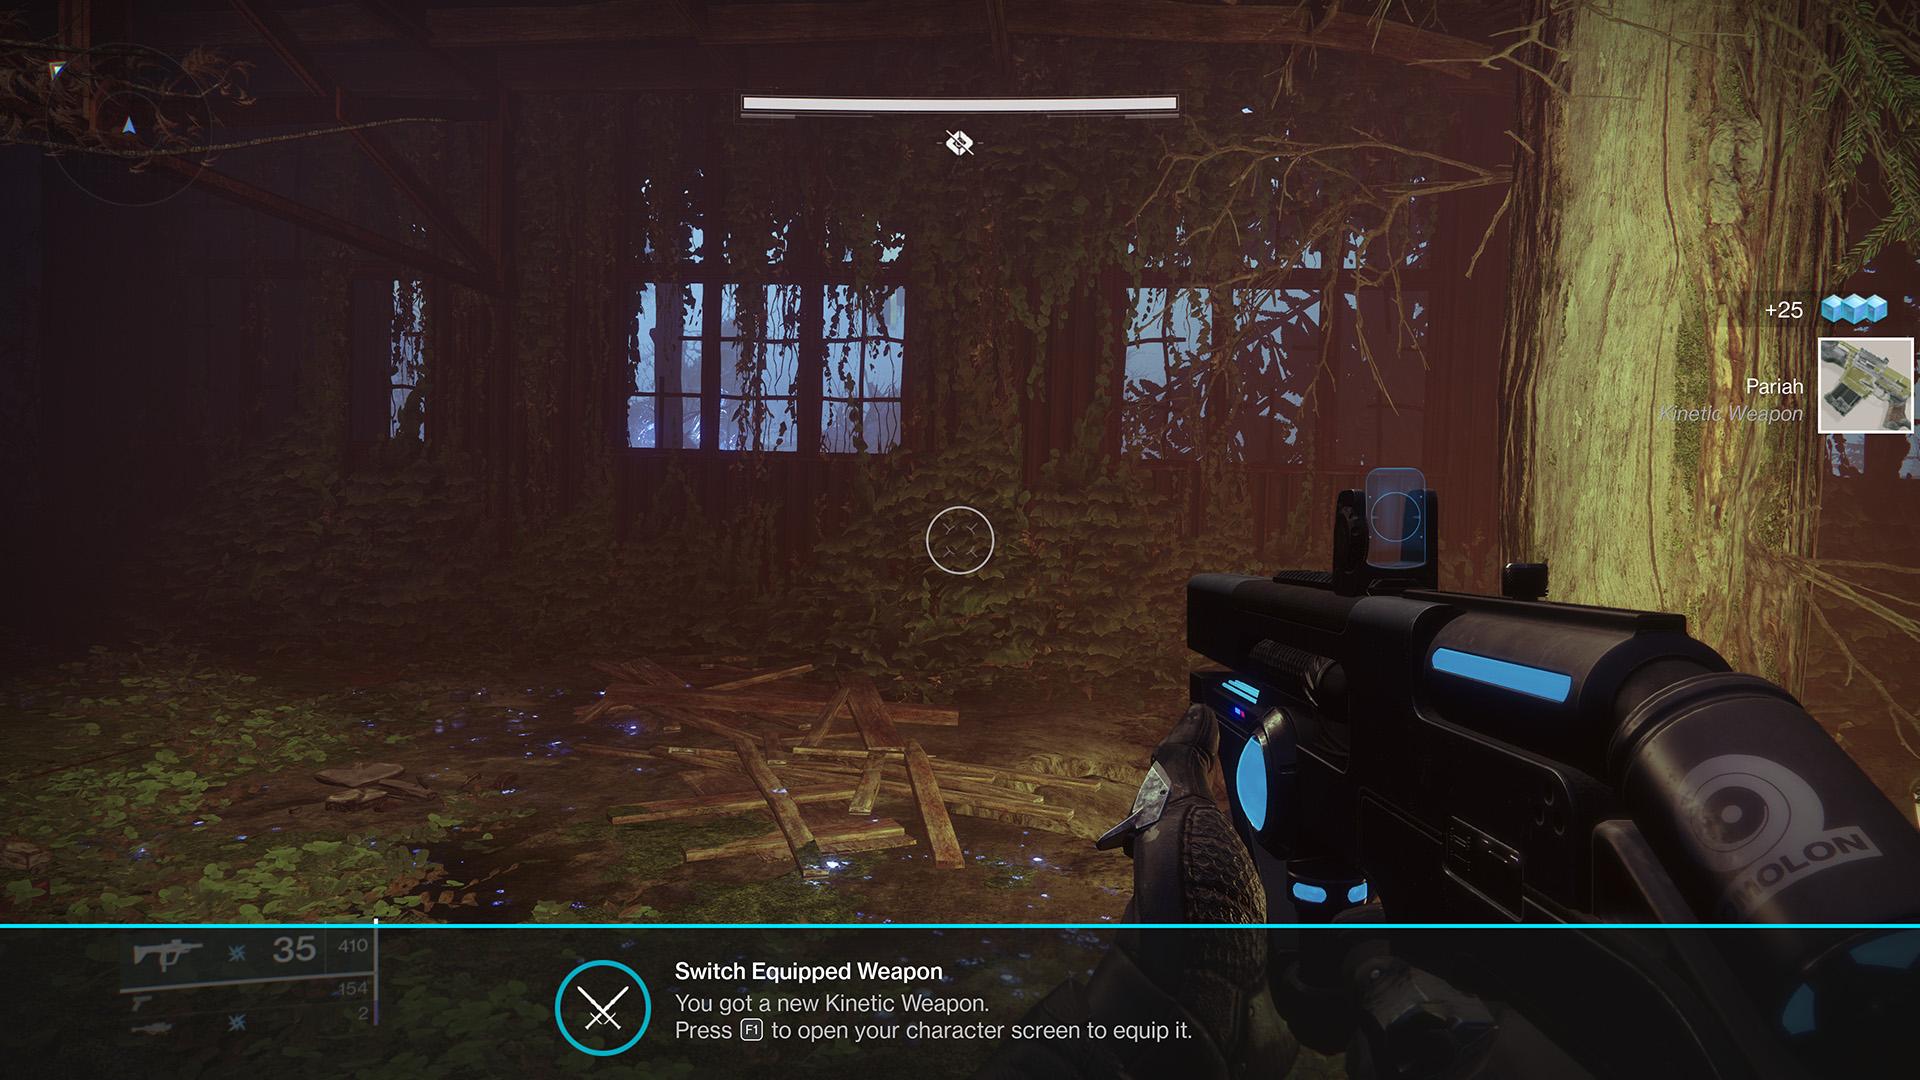 _0003_Destiny 2 Screenshot 2018.11.04 - 01.52.39.25.jpg